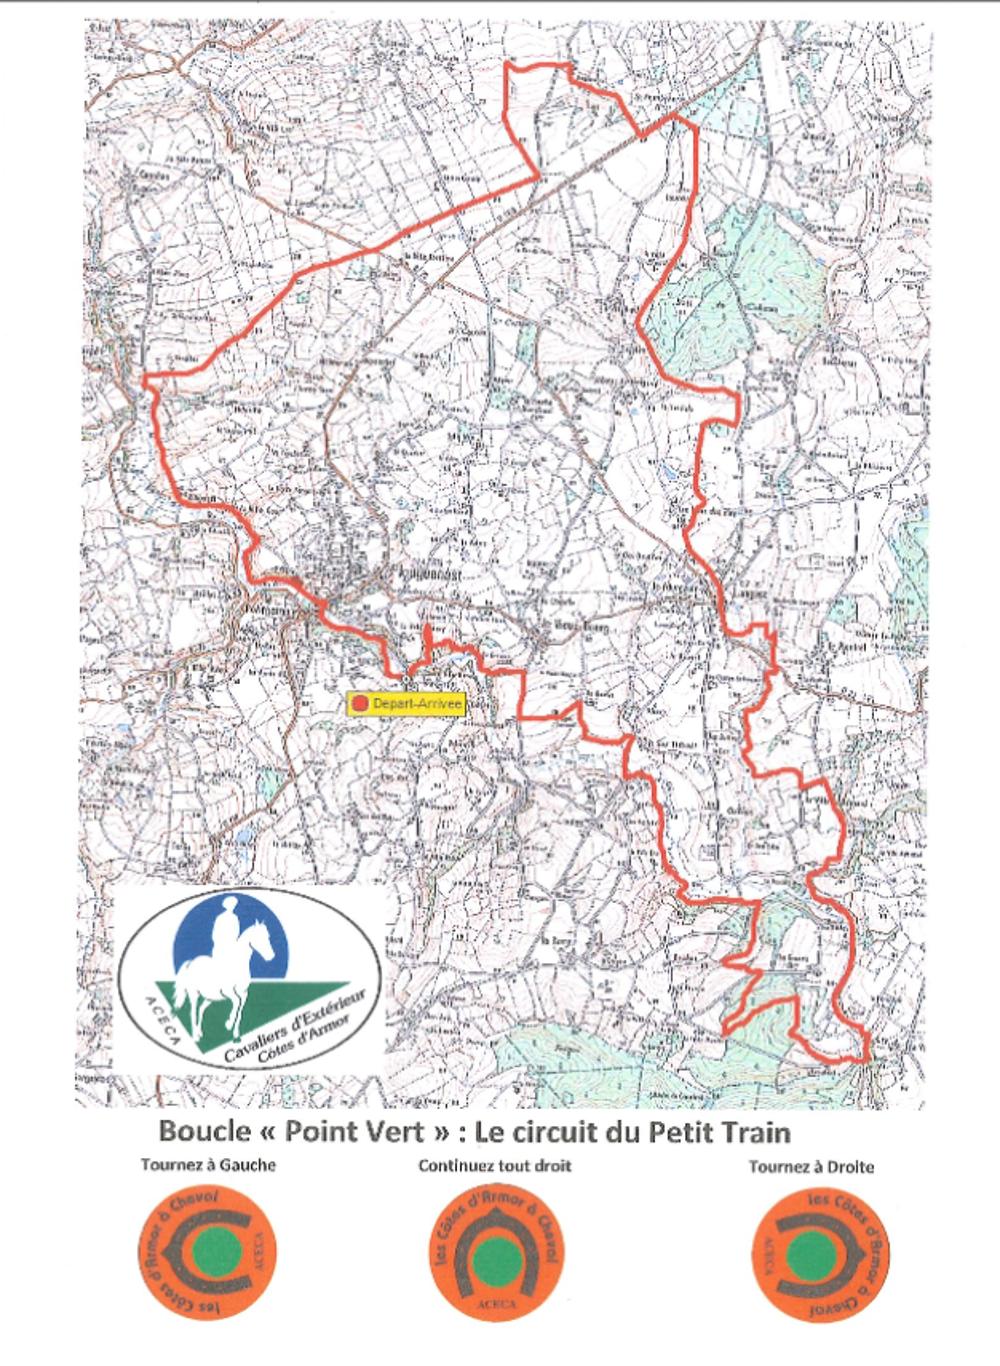 Randonnée équestre : circuit du Petit Train ( 31 km) 0